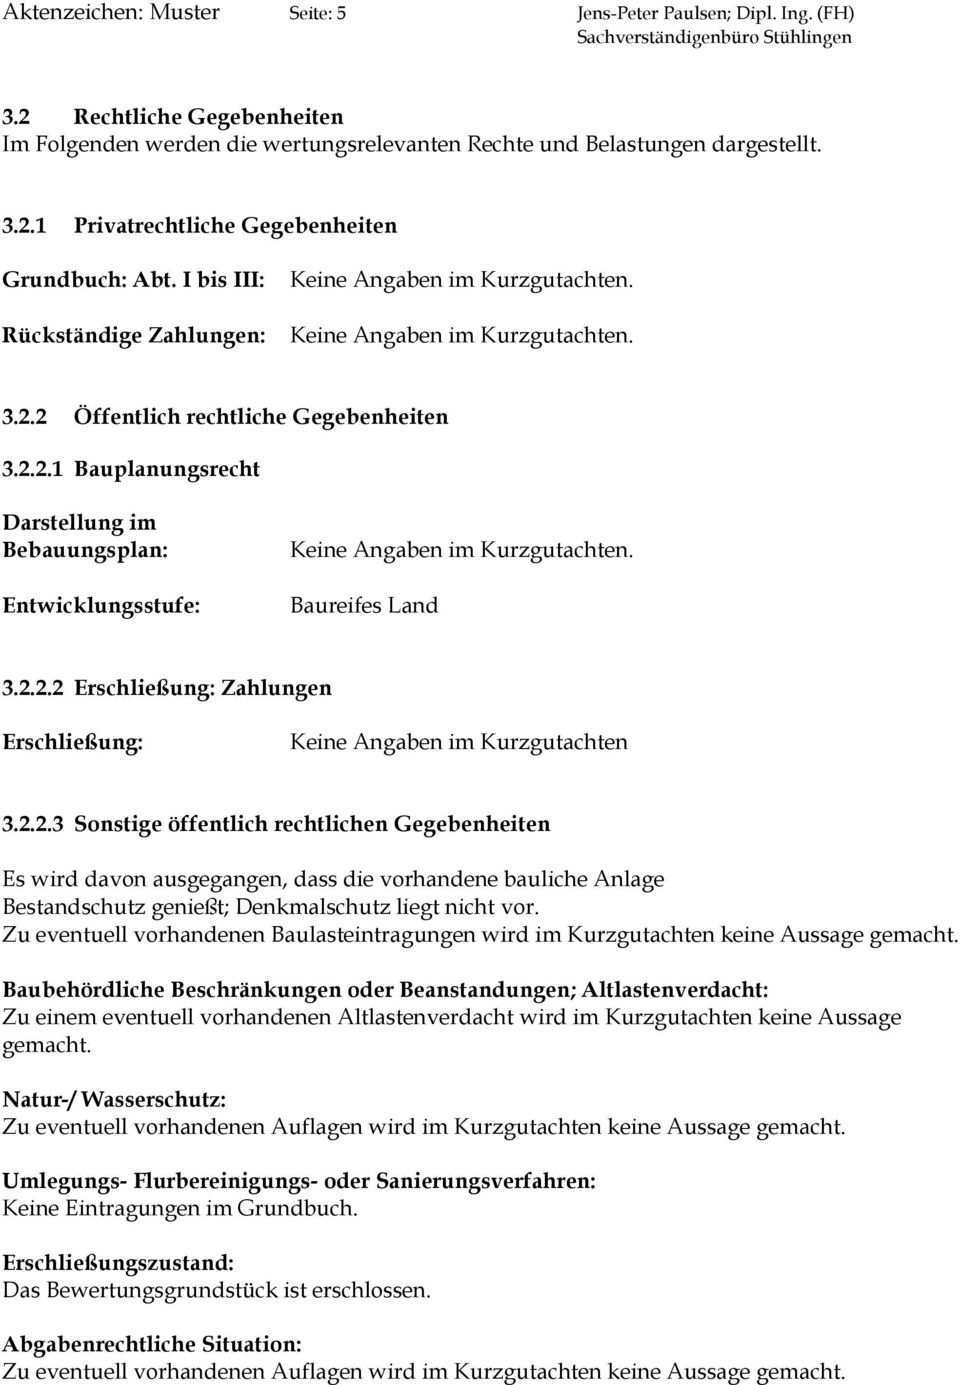 Aktenzeichen Muster Seite 1 Jens Peter Paulsen Dipl Ing Fh Sachverstandigenburo Stuhlingen Pdf Kostenfreier Download